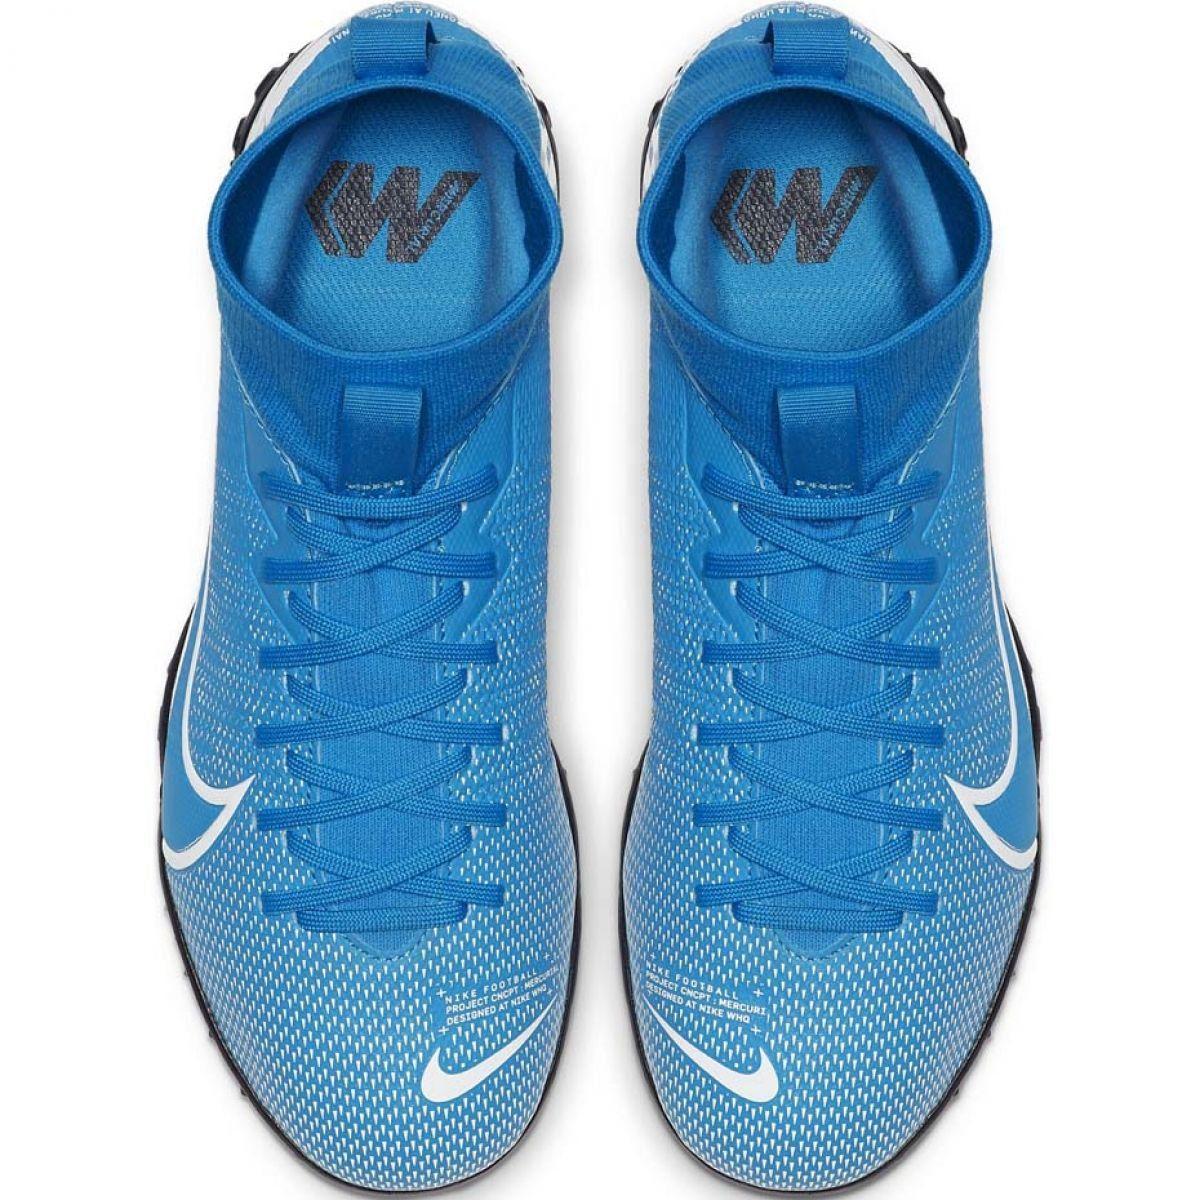 Buty Pilkarskie Nike Mercurial Superfly 7 Academy Tf Jr At8143 414 Niebieskie Wielokolorowe Football Shoes Kids Football Boots Blue Shoes